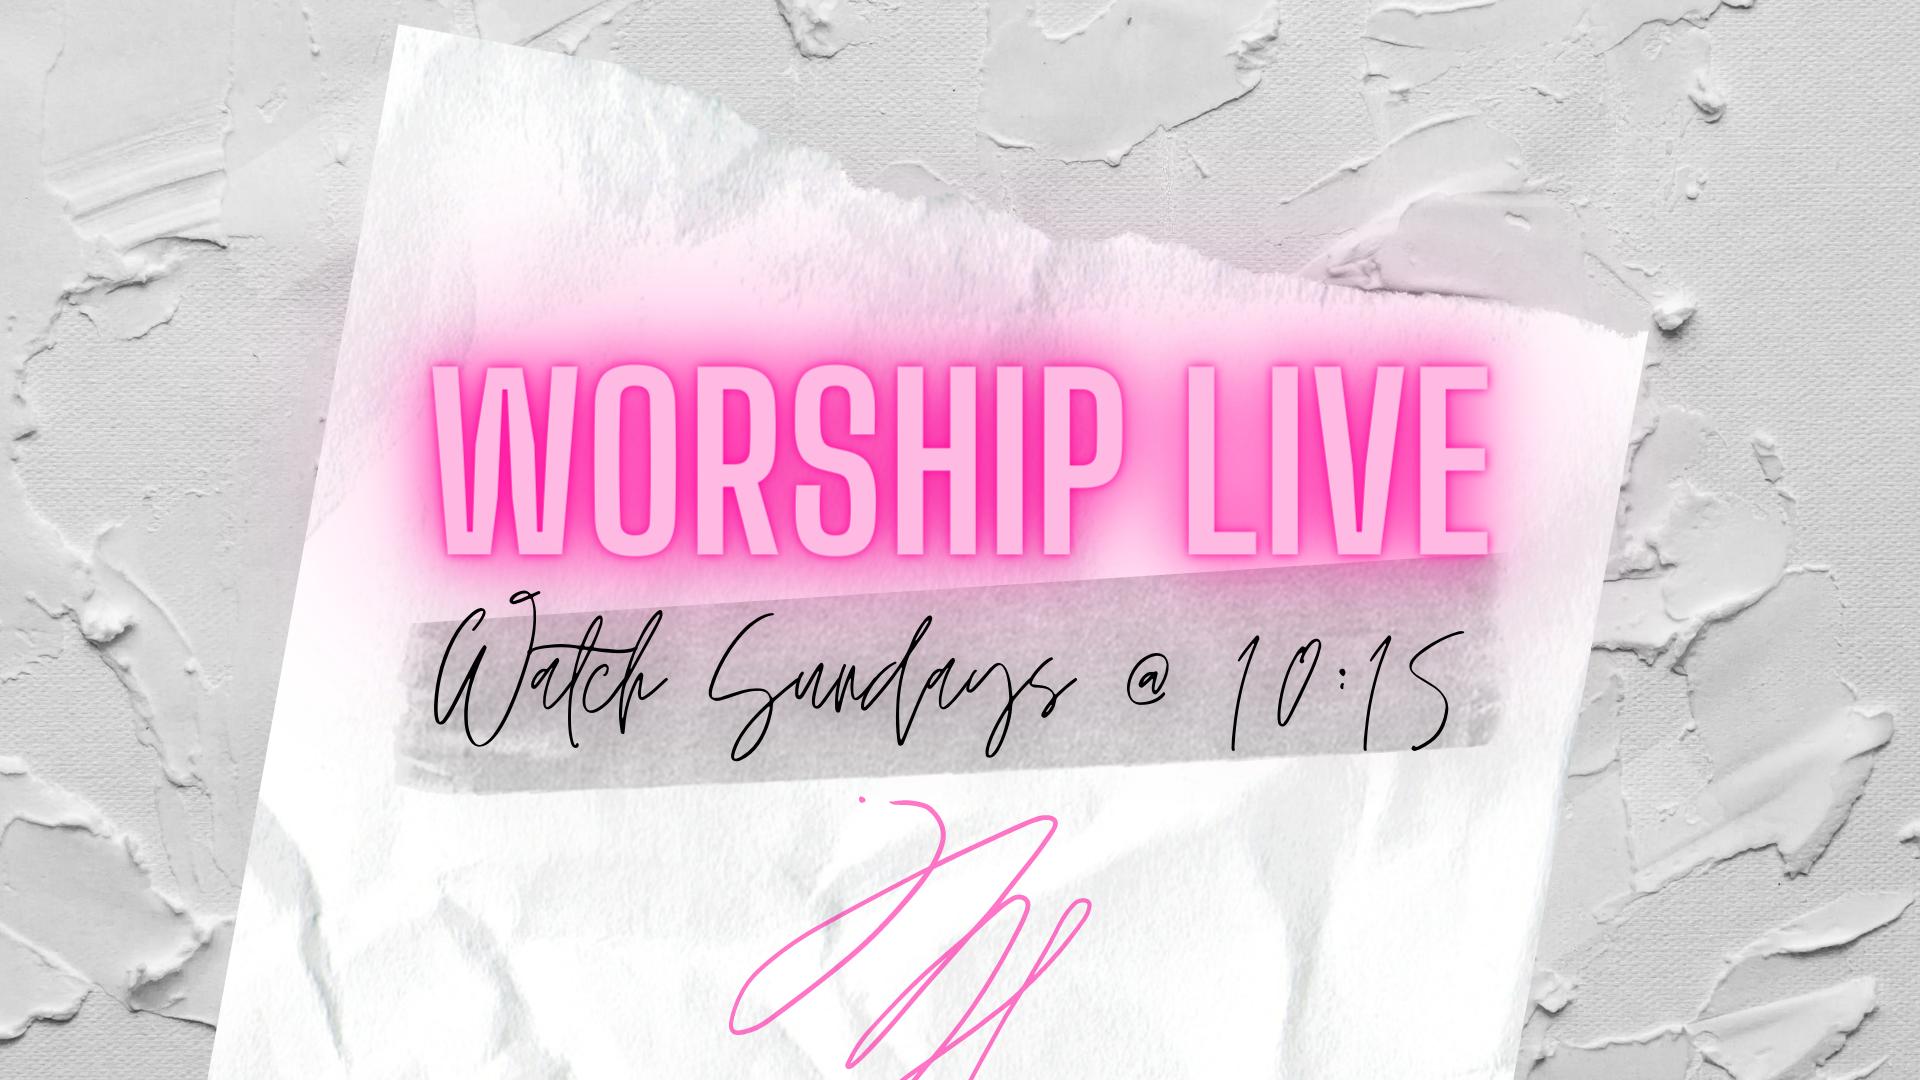 worship live - web thumbnail